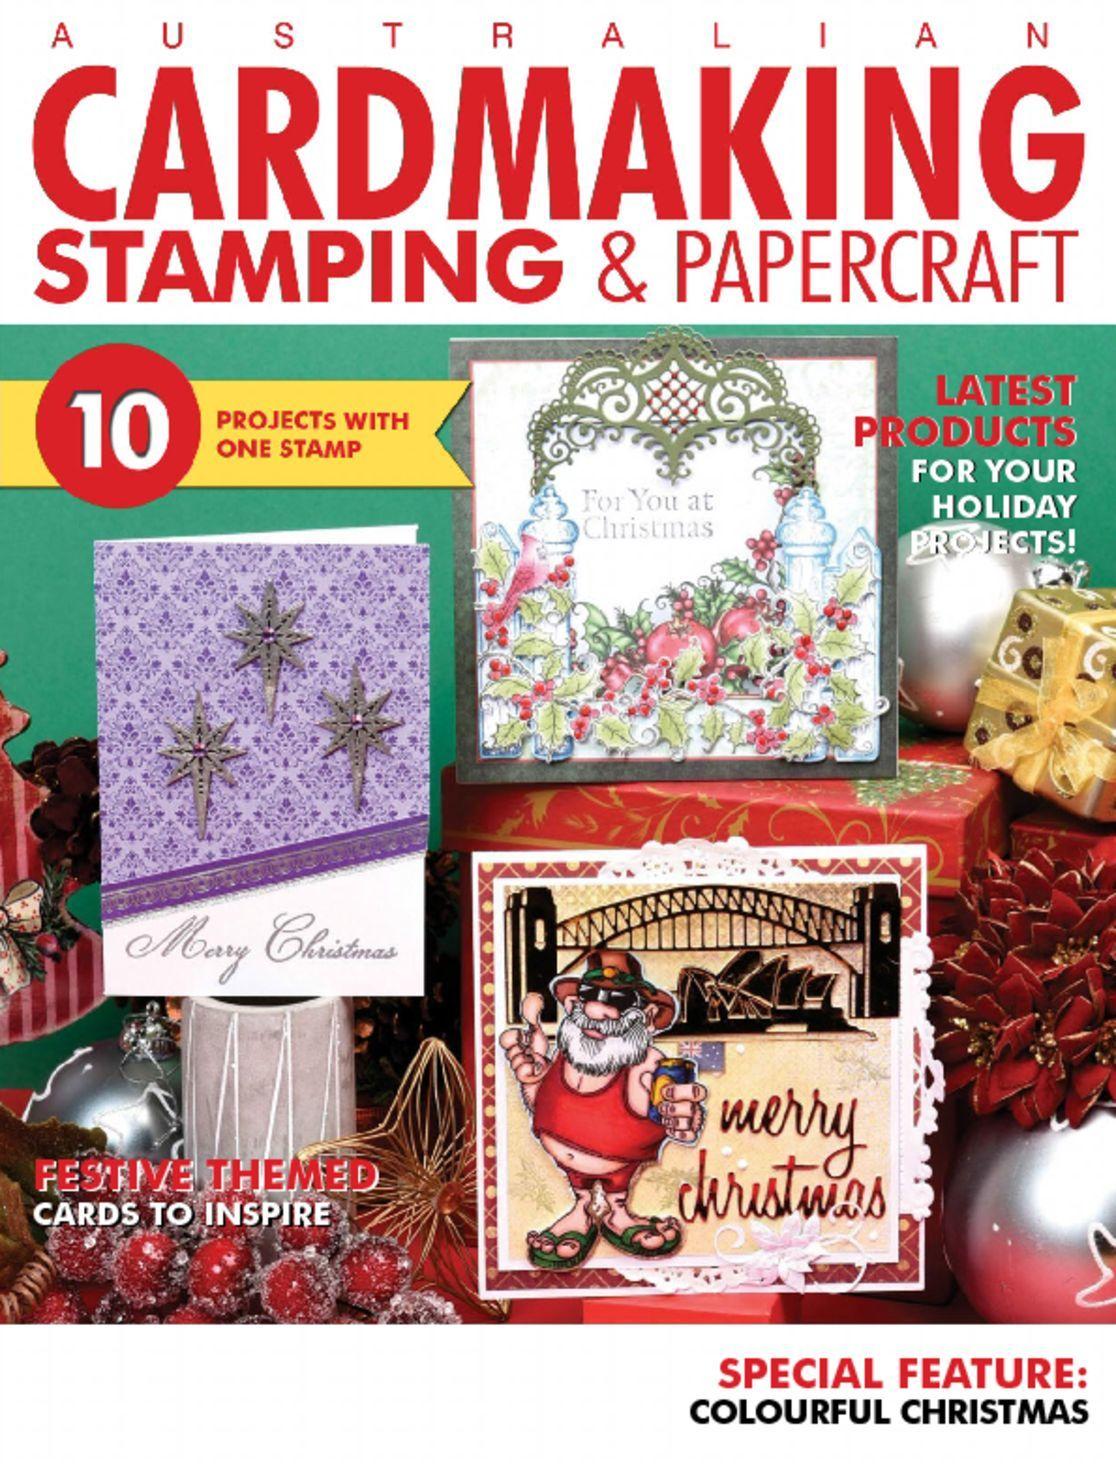 Cardmaking Stamping Papercraft Digital